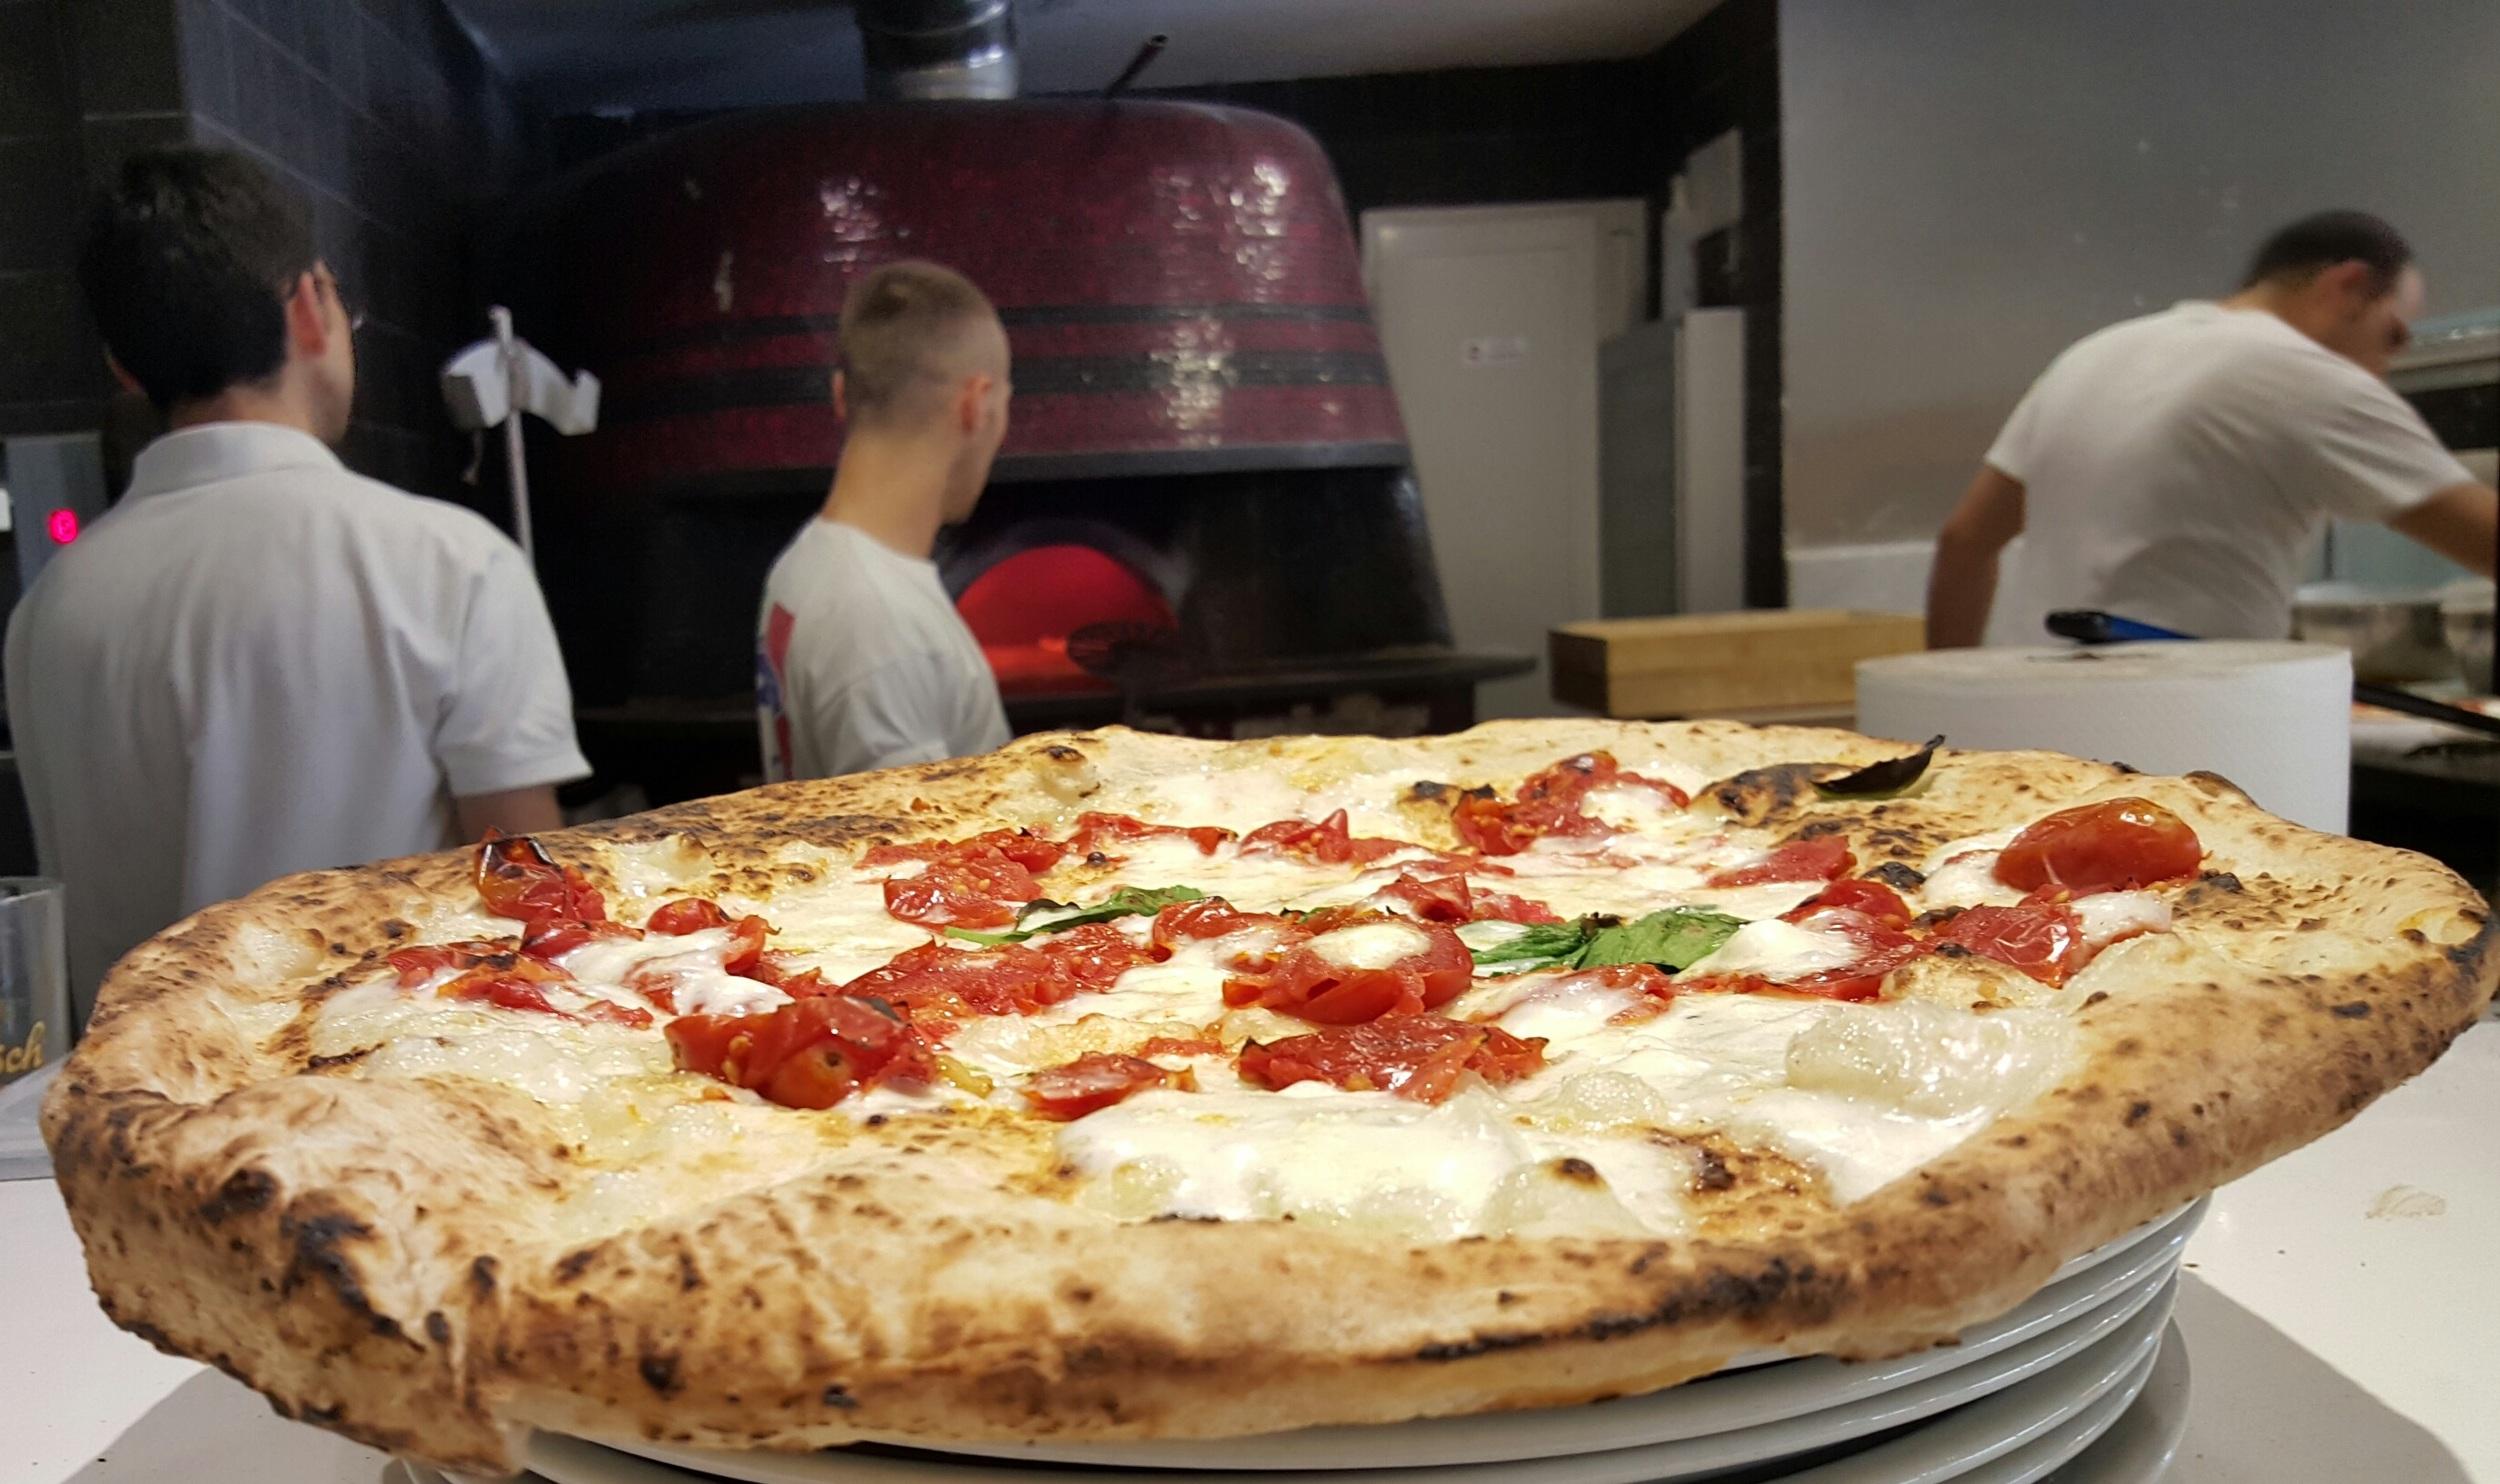 """Dietro la pizza """"Filetto fresco di pomodoro"""", Antonio e Nando controllano il forno a legna mentre Gennaro prepara un'altra pizza."""